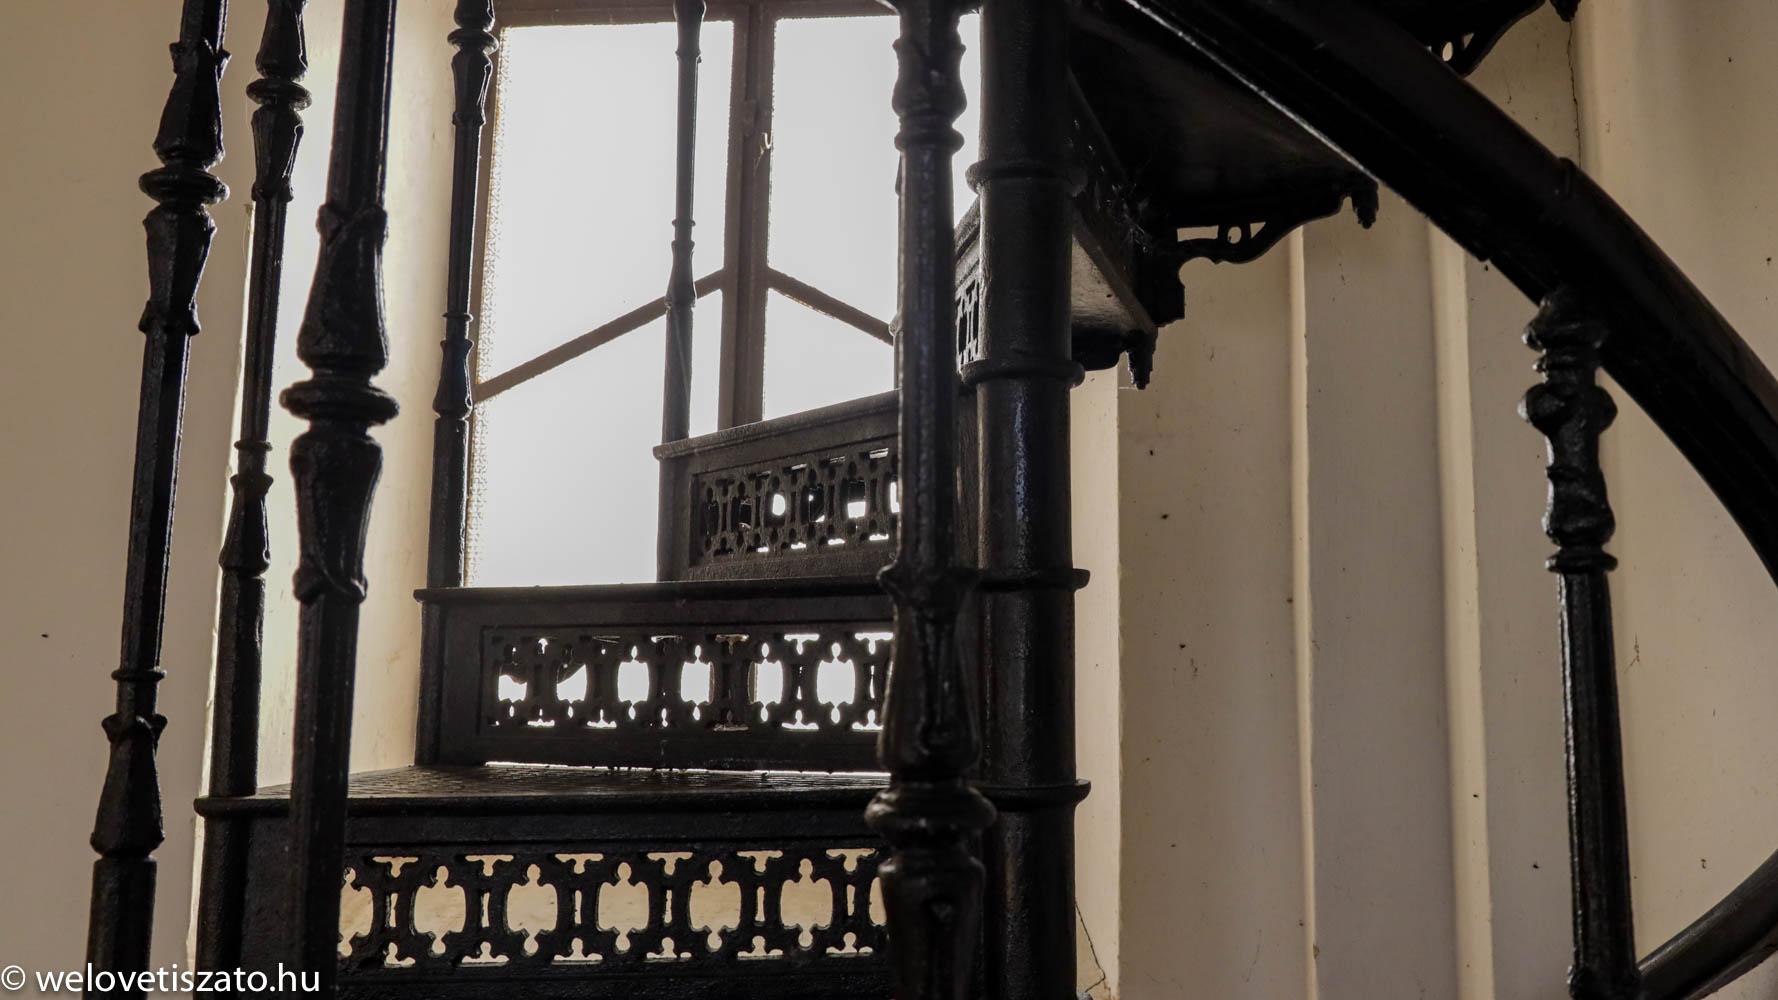 Tiszaörs története - karzatlépcső kovácsoltvasból